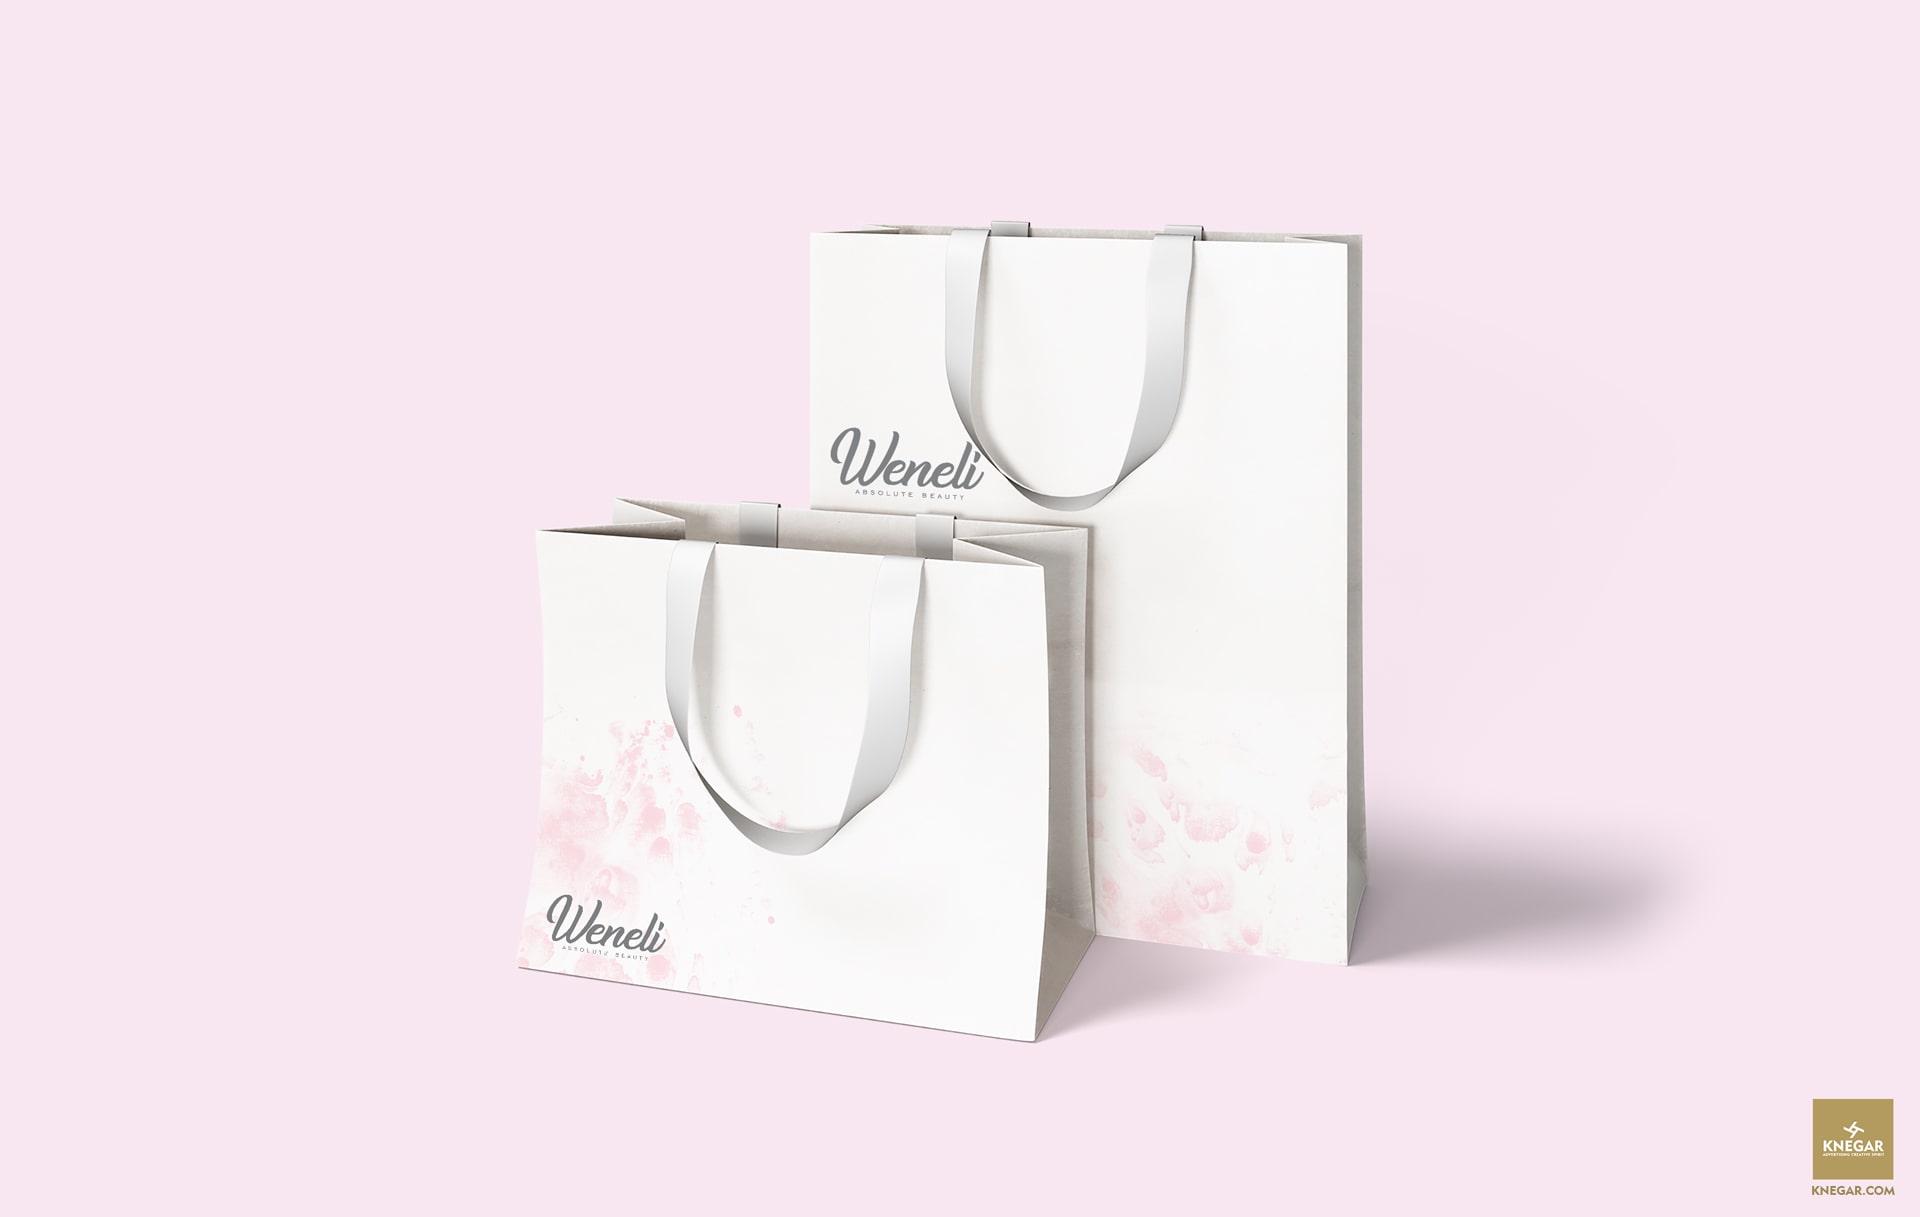 طراحی بسته بندی لوازم آرایشی ونلی -طراحی پاکت چاپ پاکت لوازم آرایشی بسته بندی کرم رژ پنکک